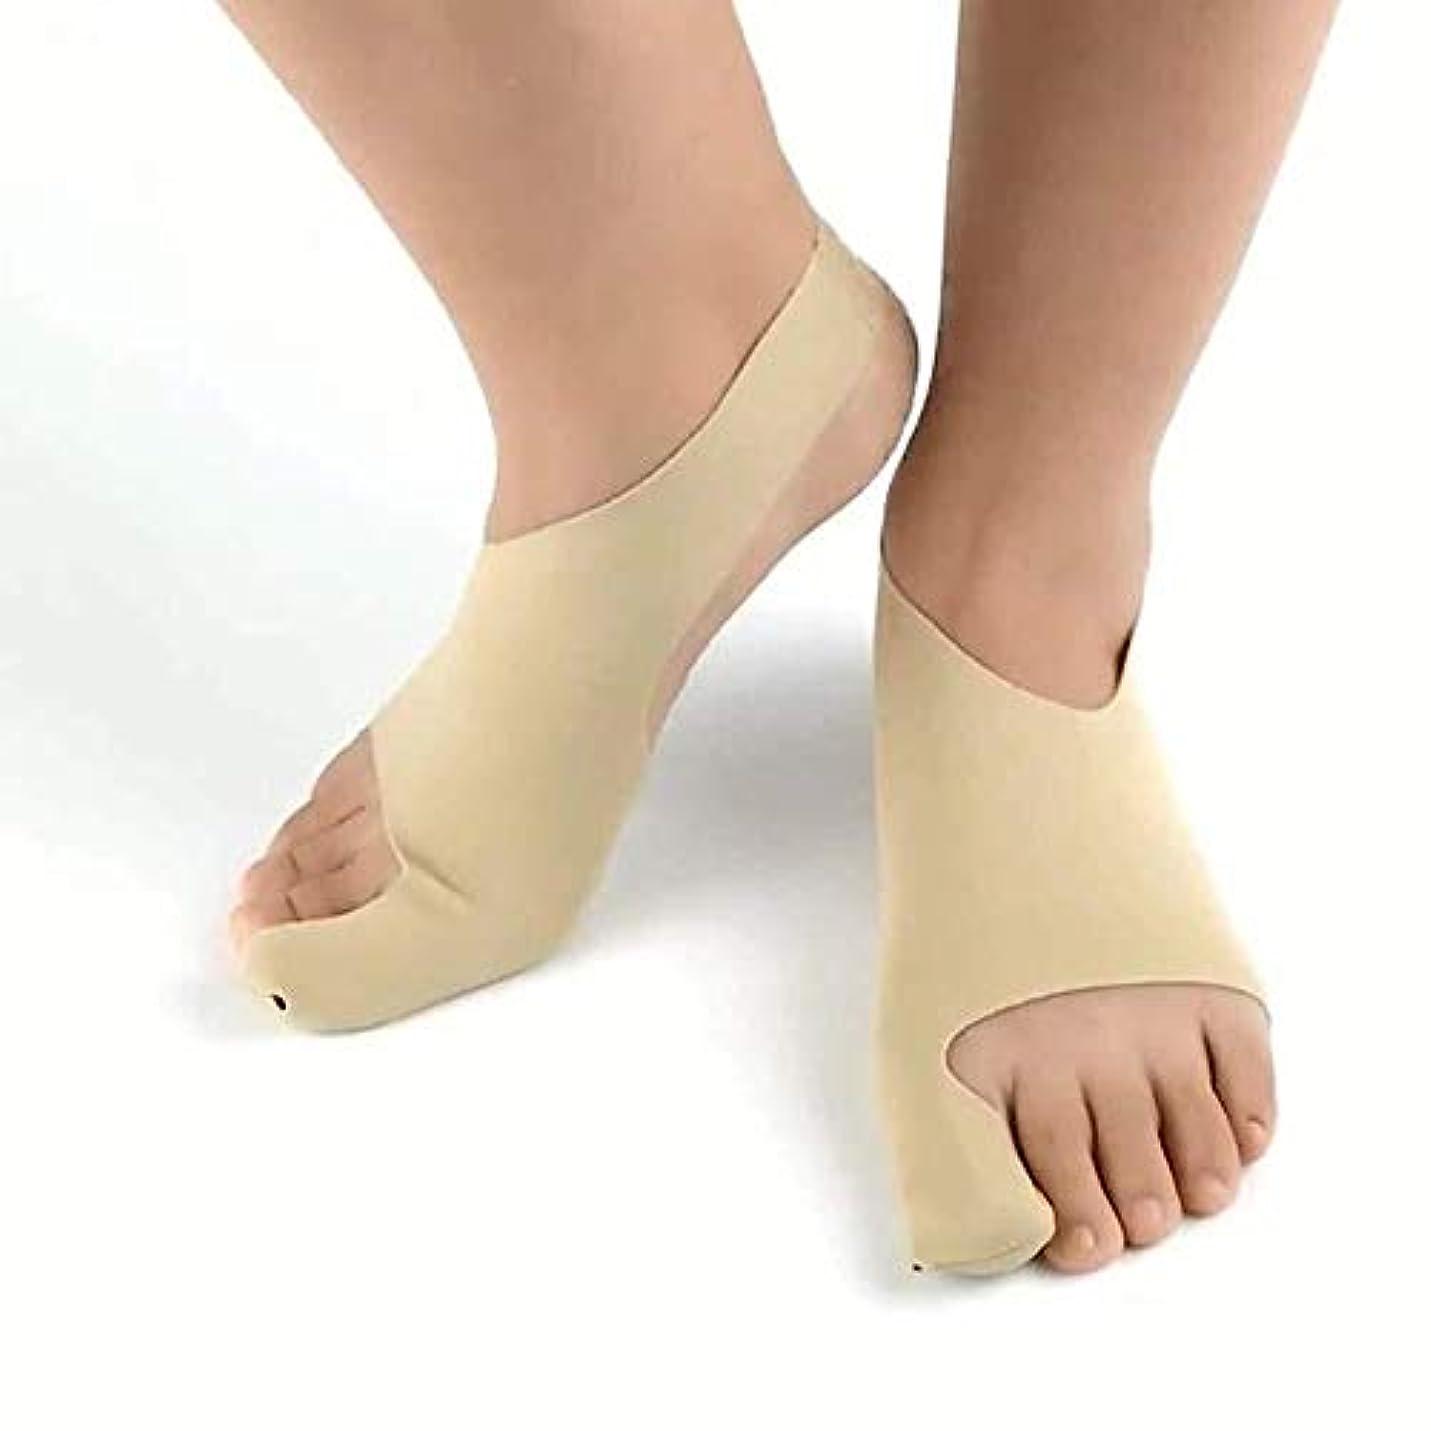 背の高い快適すすり泣き外反母ortho装具、超薄型整形外科大足指外反母gusは、ランニング/スポーツの治療と足の痛みの緩和をサポートします,L